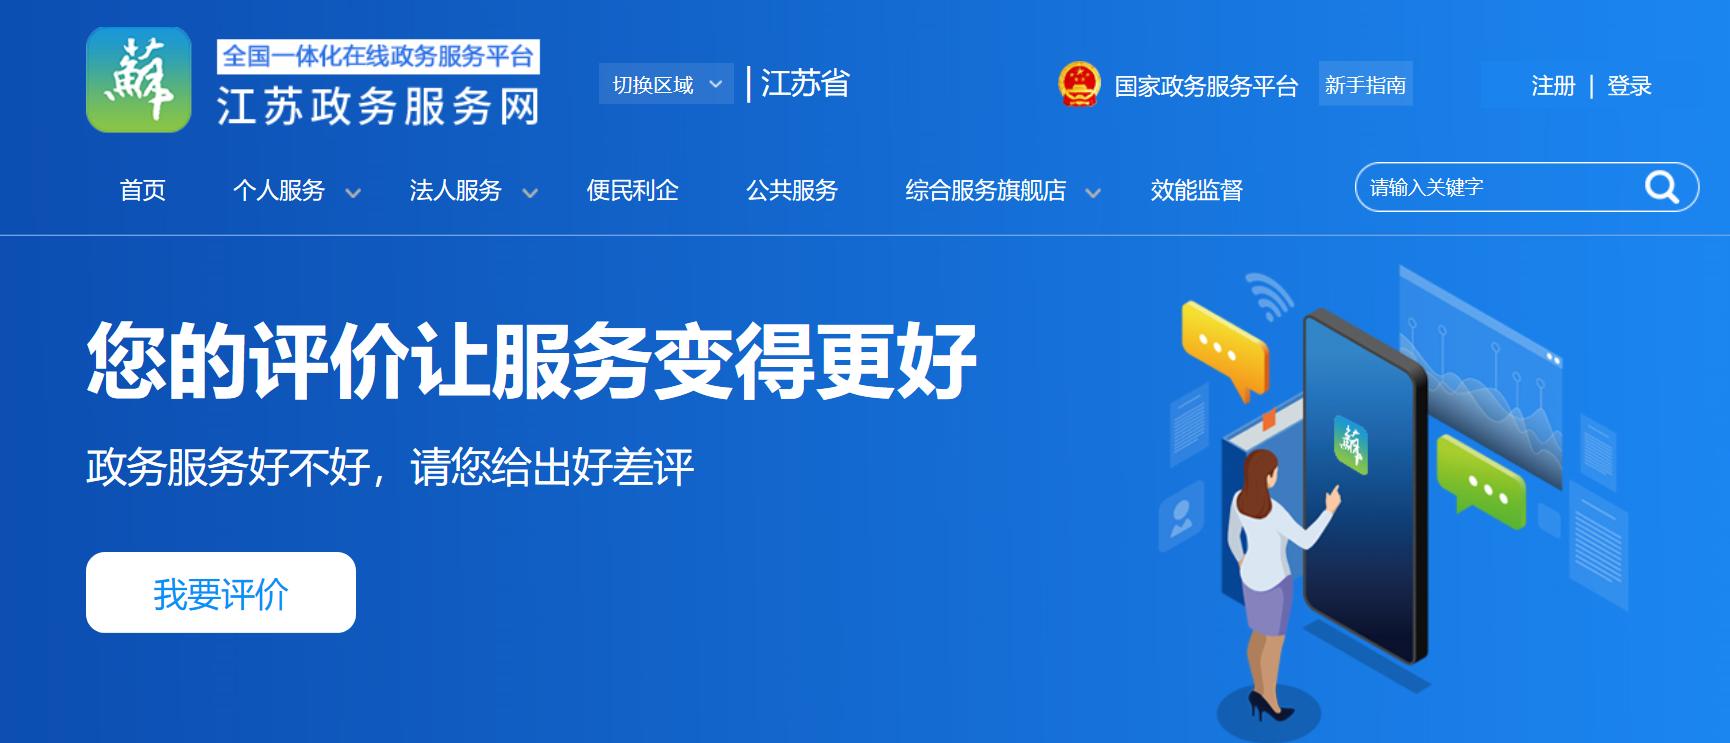 江苏政务服务好评率达99.4%,注